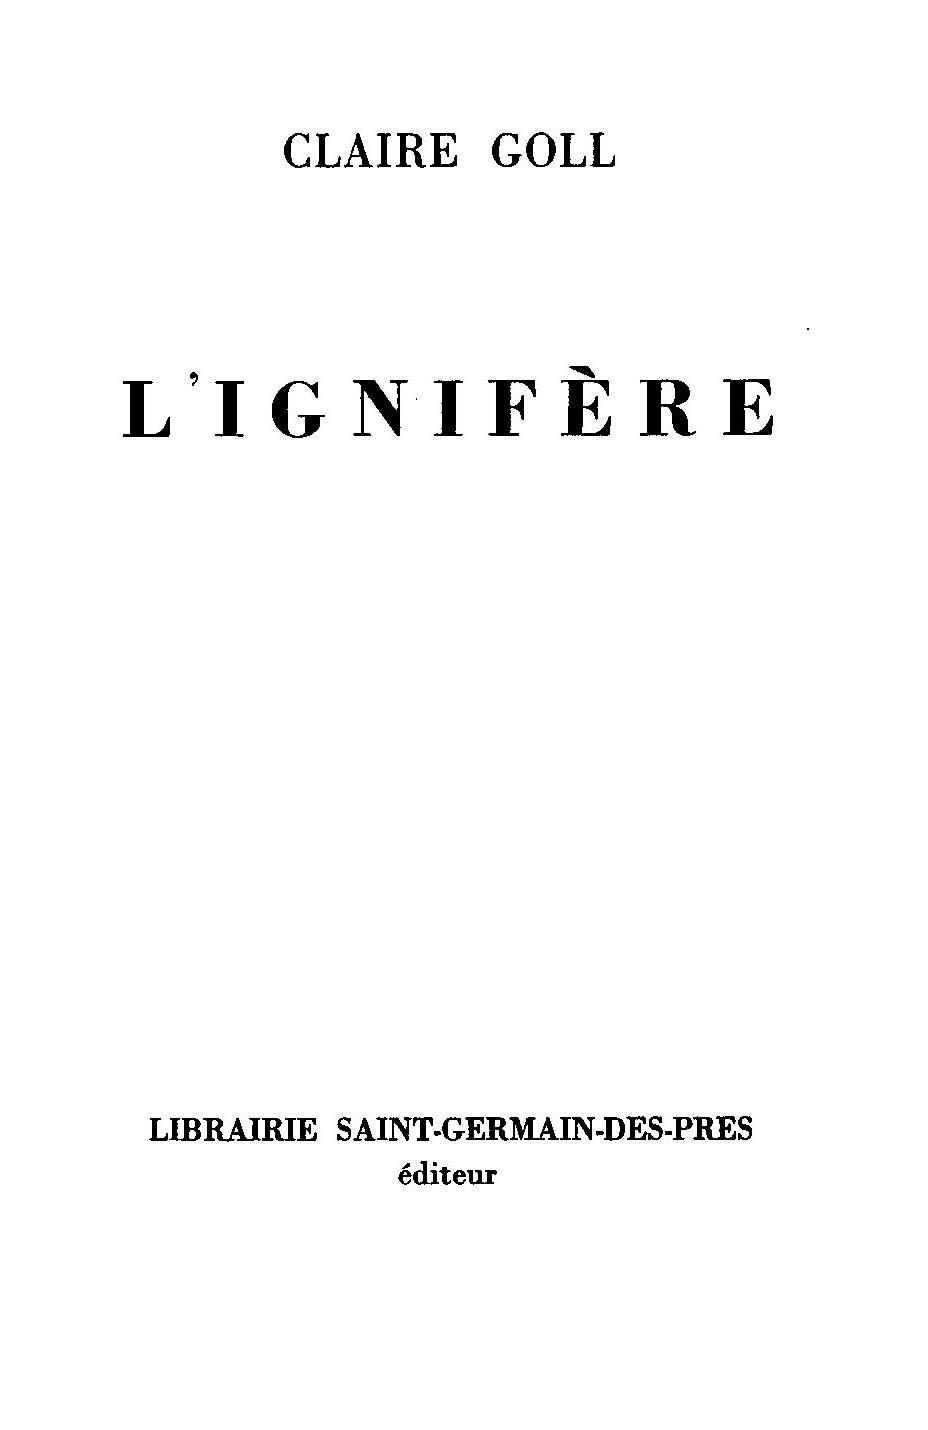 Claire Goll, <br /><em>L'Ignifère</em>, 1969